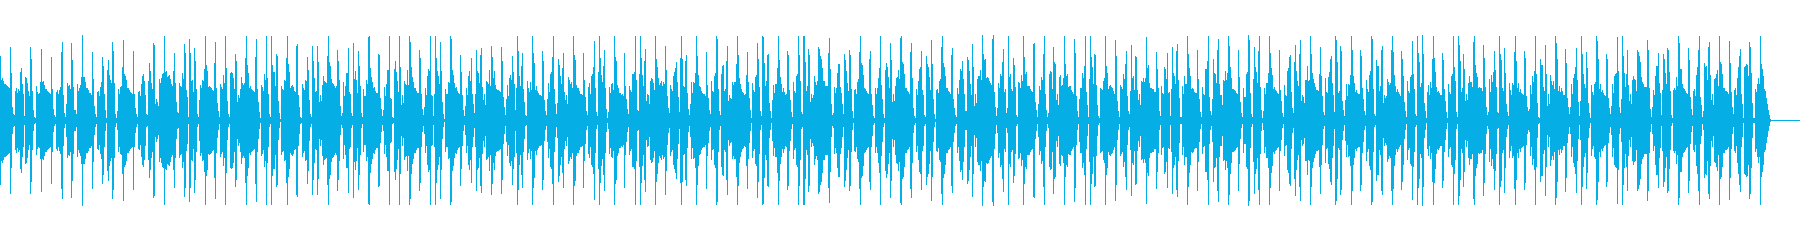 静かな夜のバスとドラムの再生済みの波形